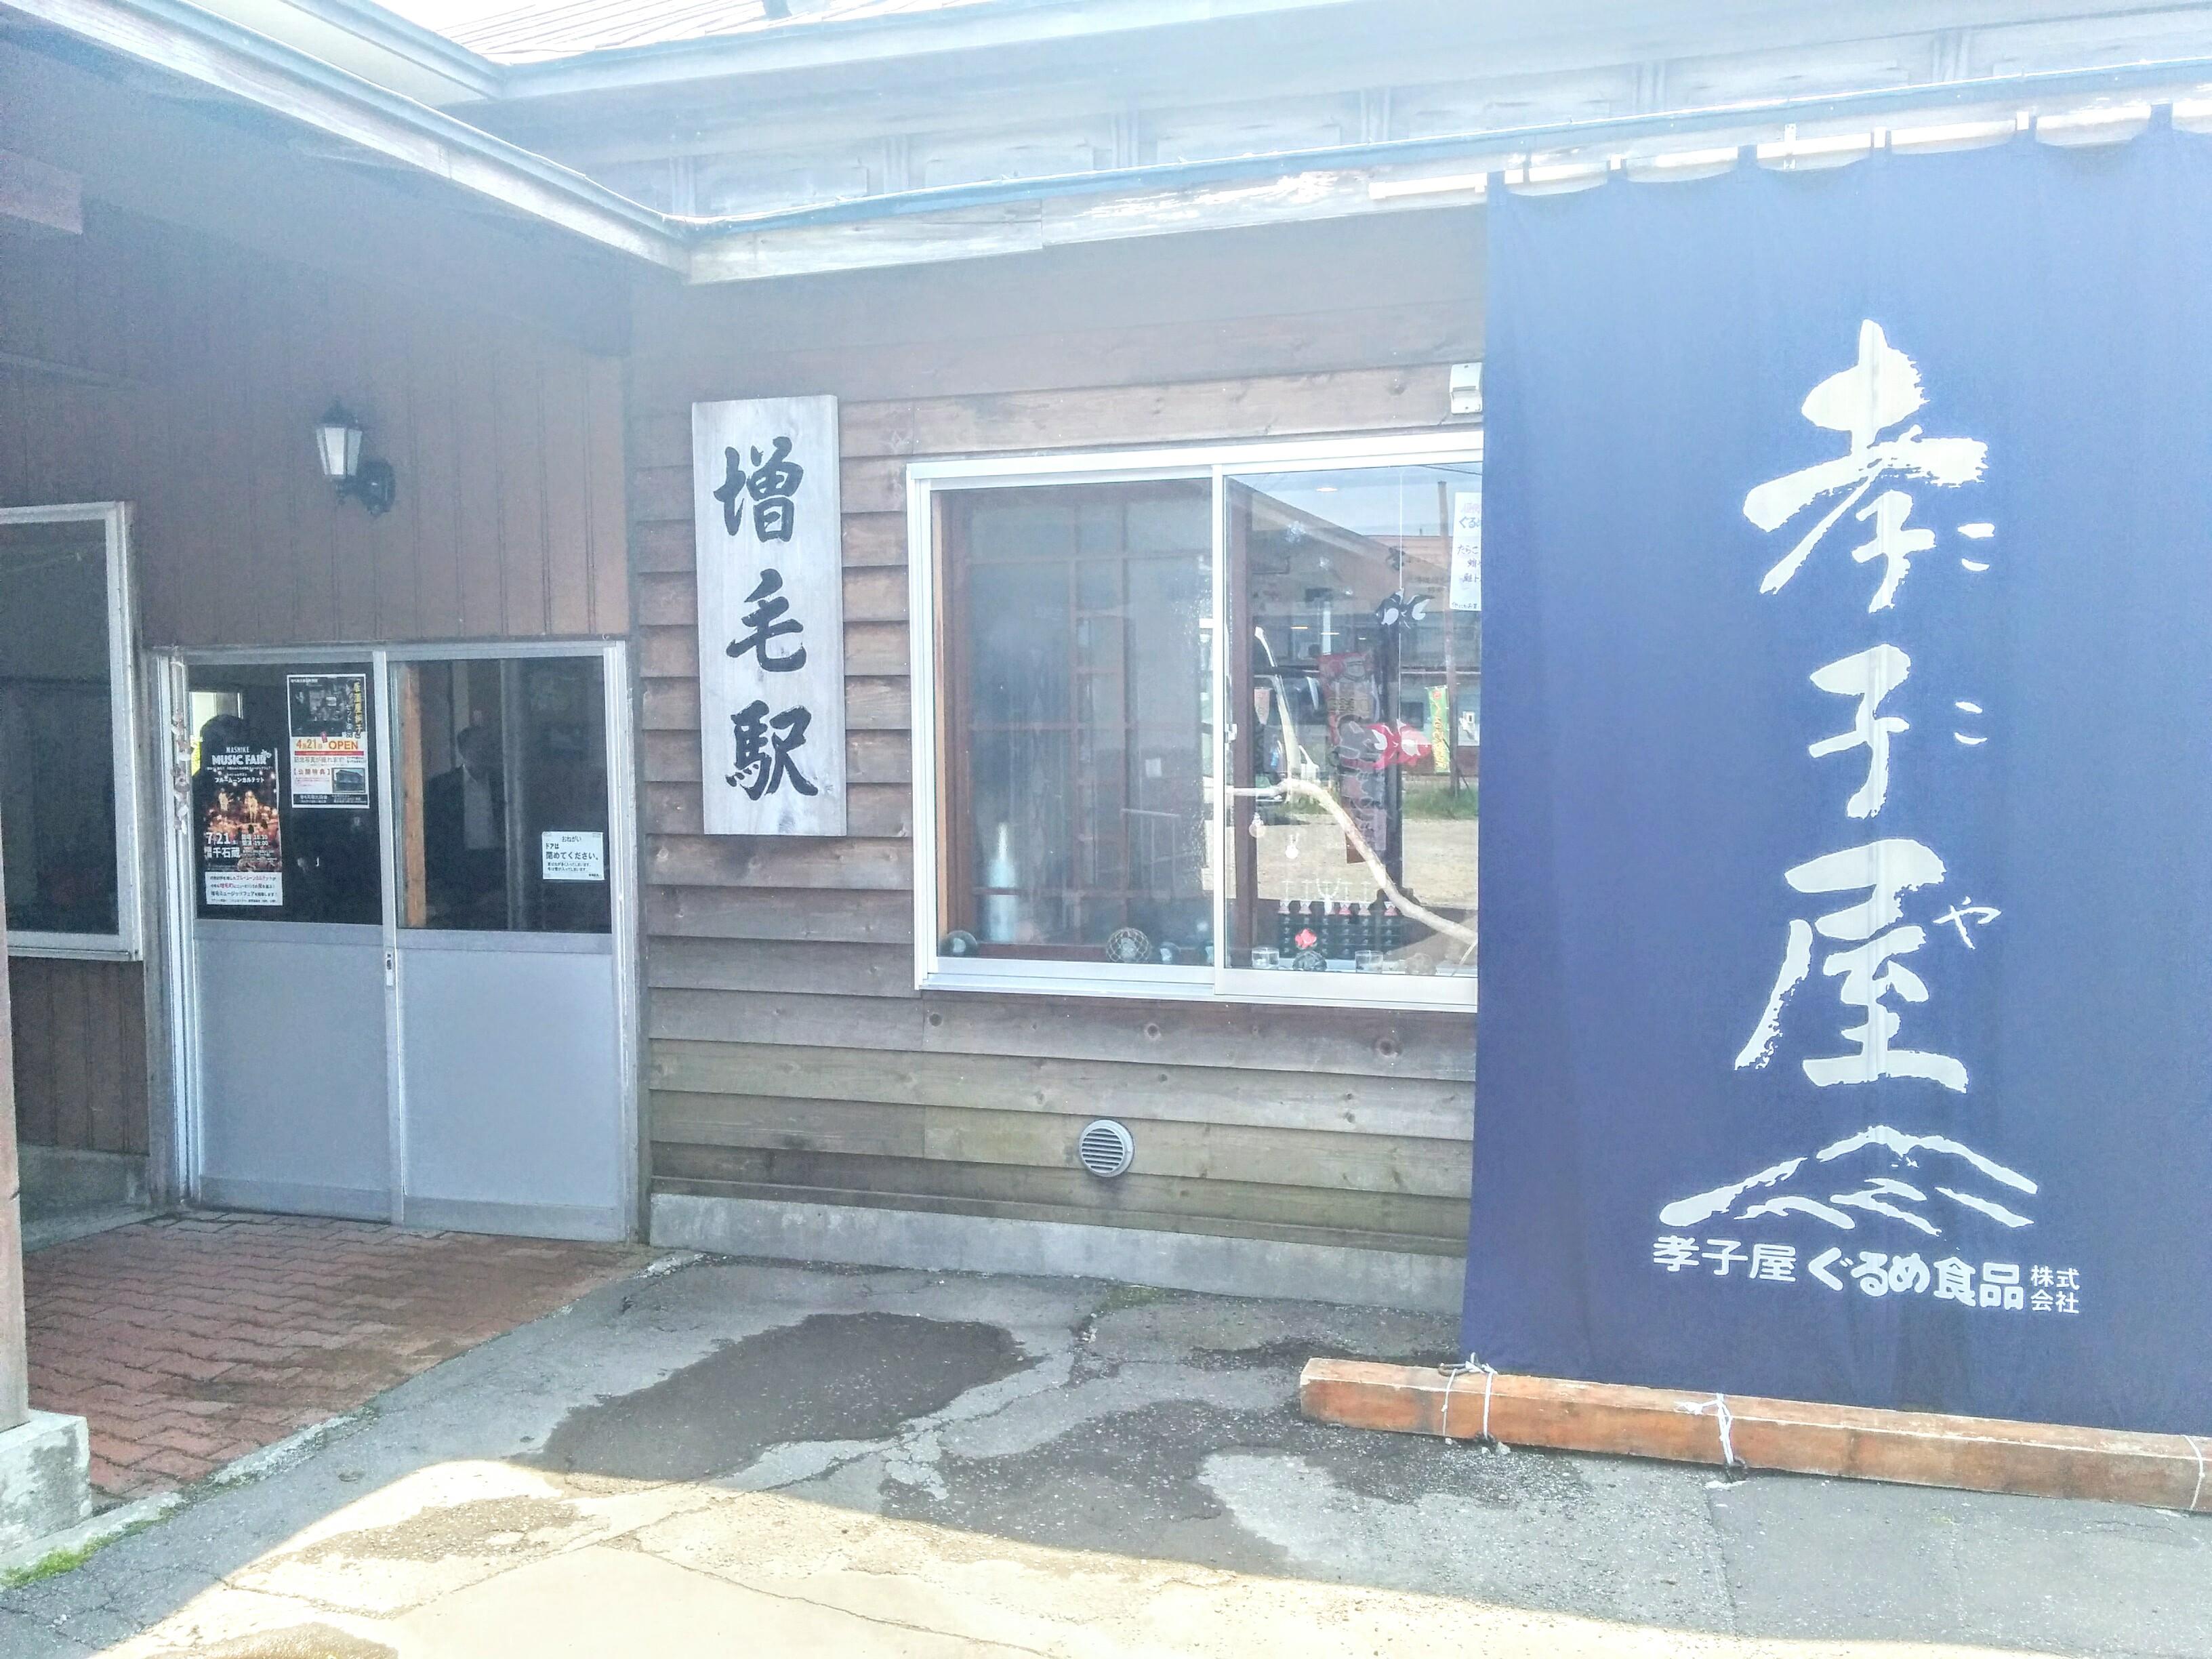 【増毛町】増毛駅周辺観光案内です。